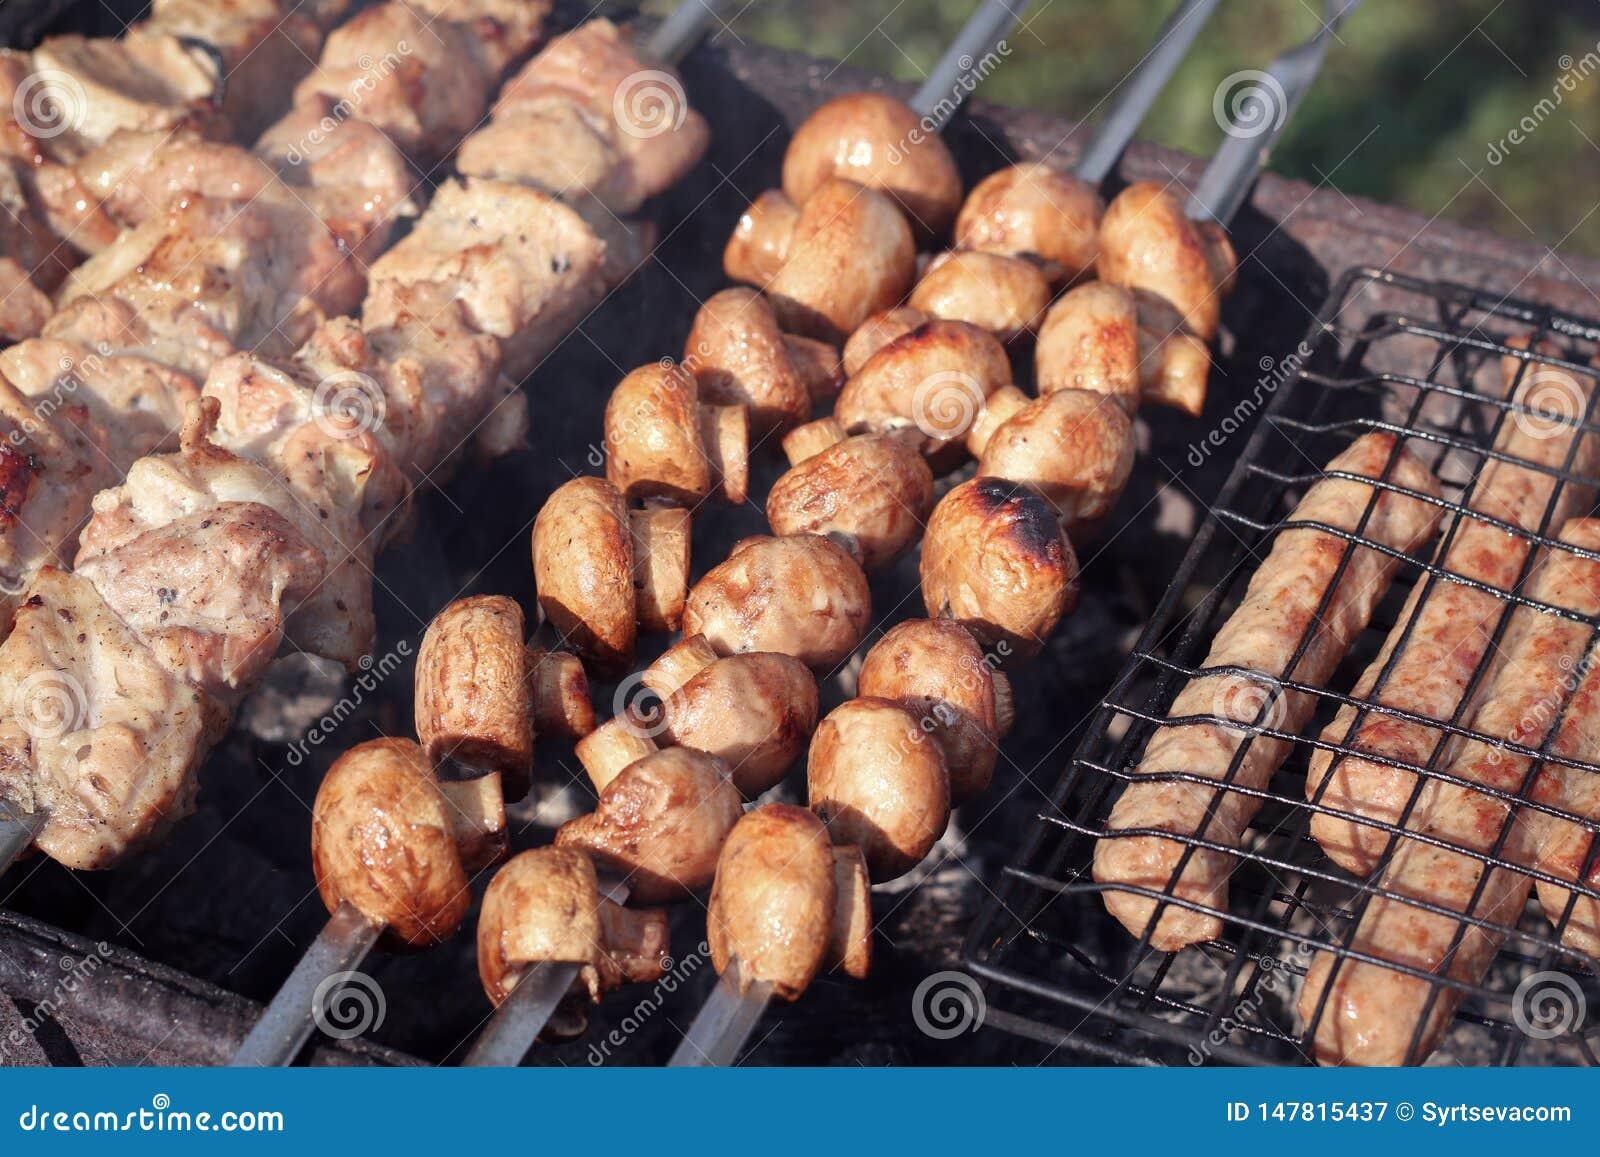 Close-up brindado suculento dos cogumelos na grade em espetos perto das partes de carne suculentas fritadas em carvões